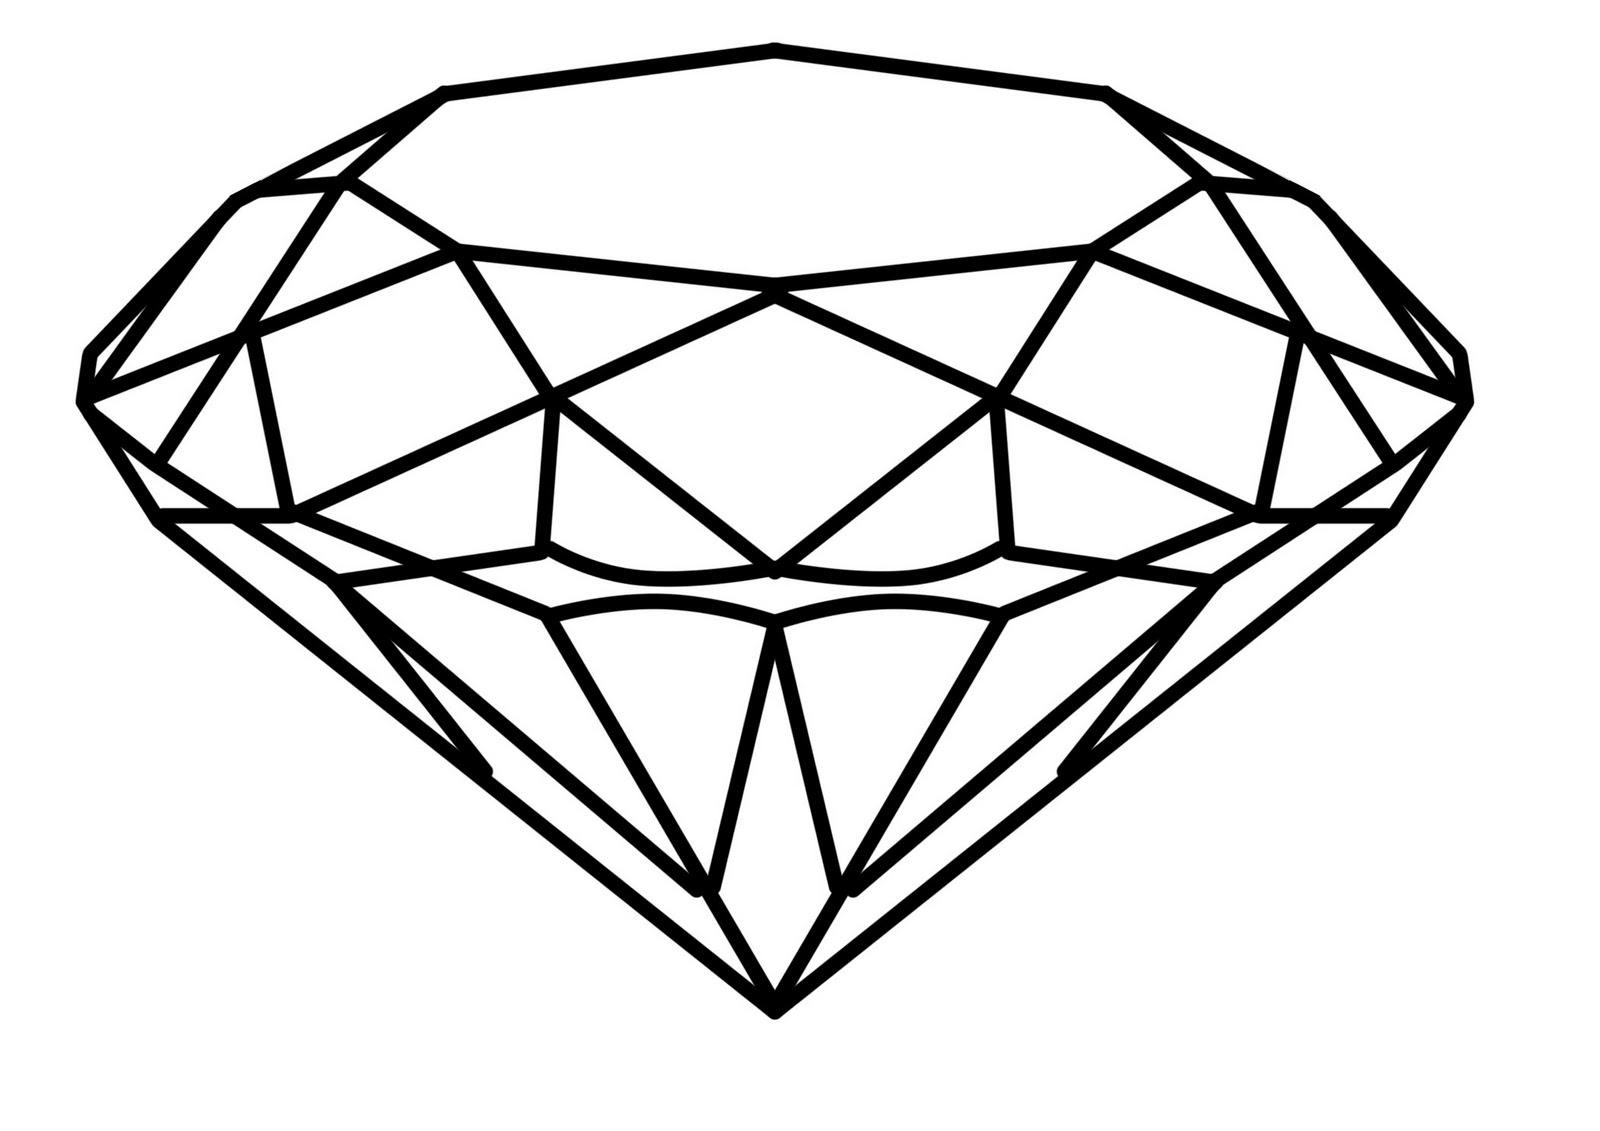 1600x1131 Outline Of Diamond